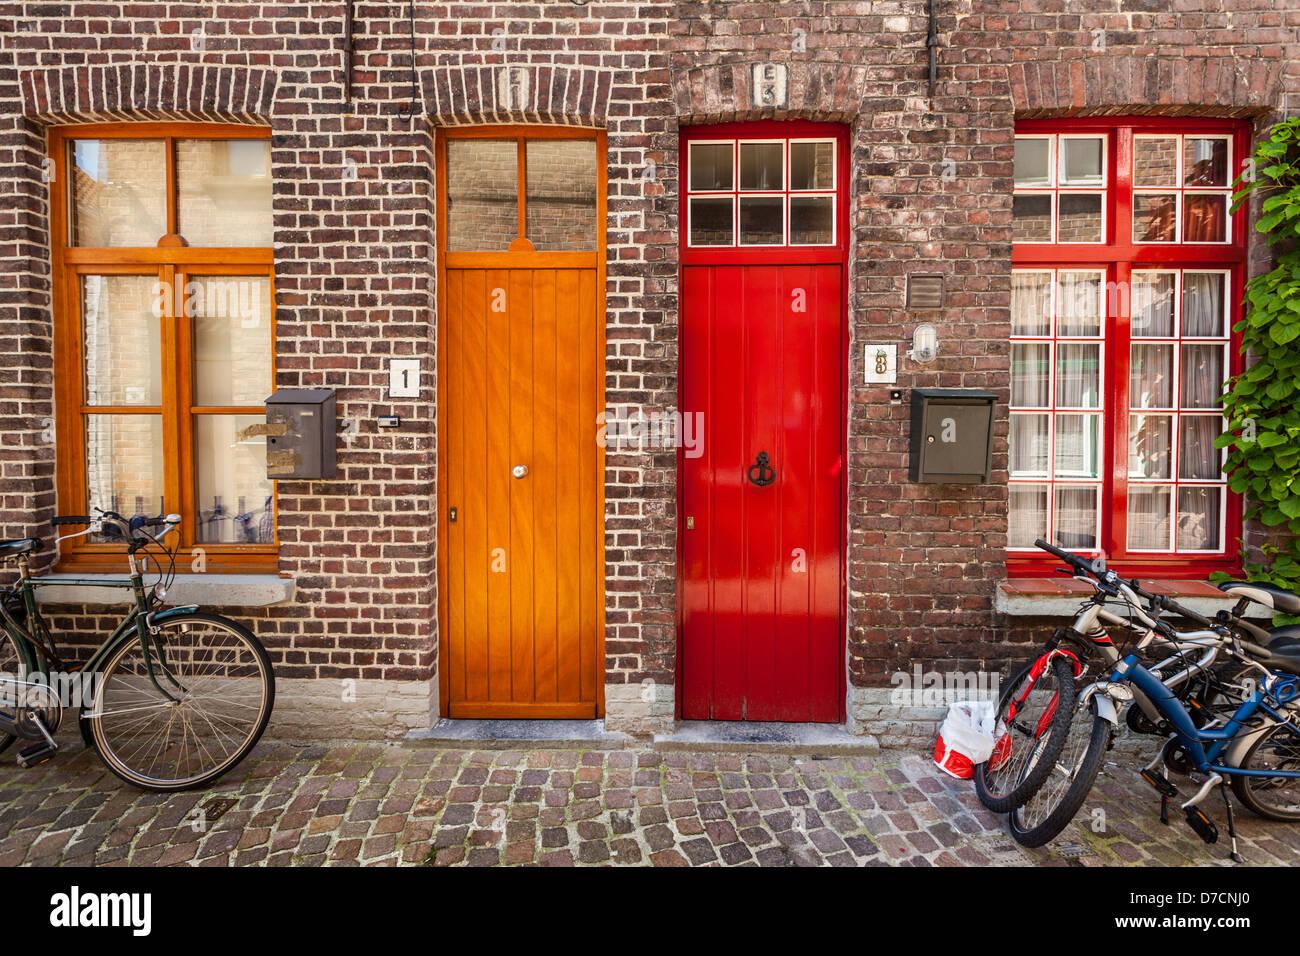 Portes de maisons anciennes et des vélos en ville européenne. Bruges (Brugge), Belgique Photo Stock